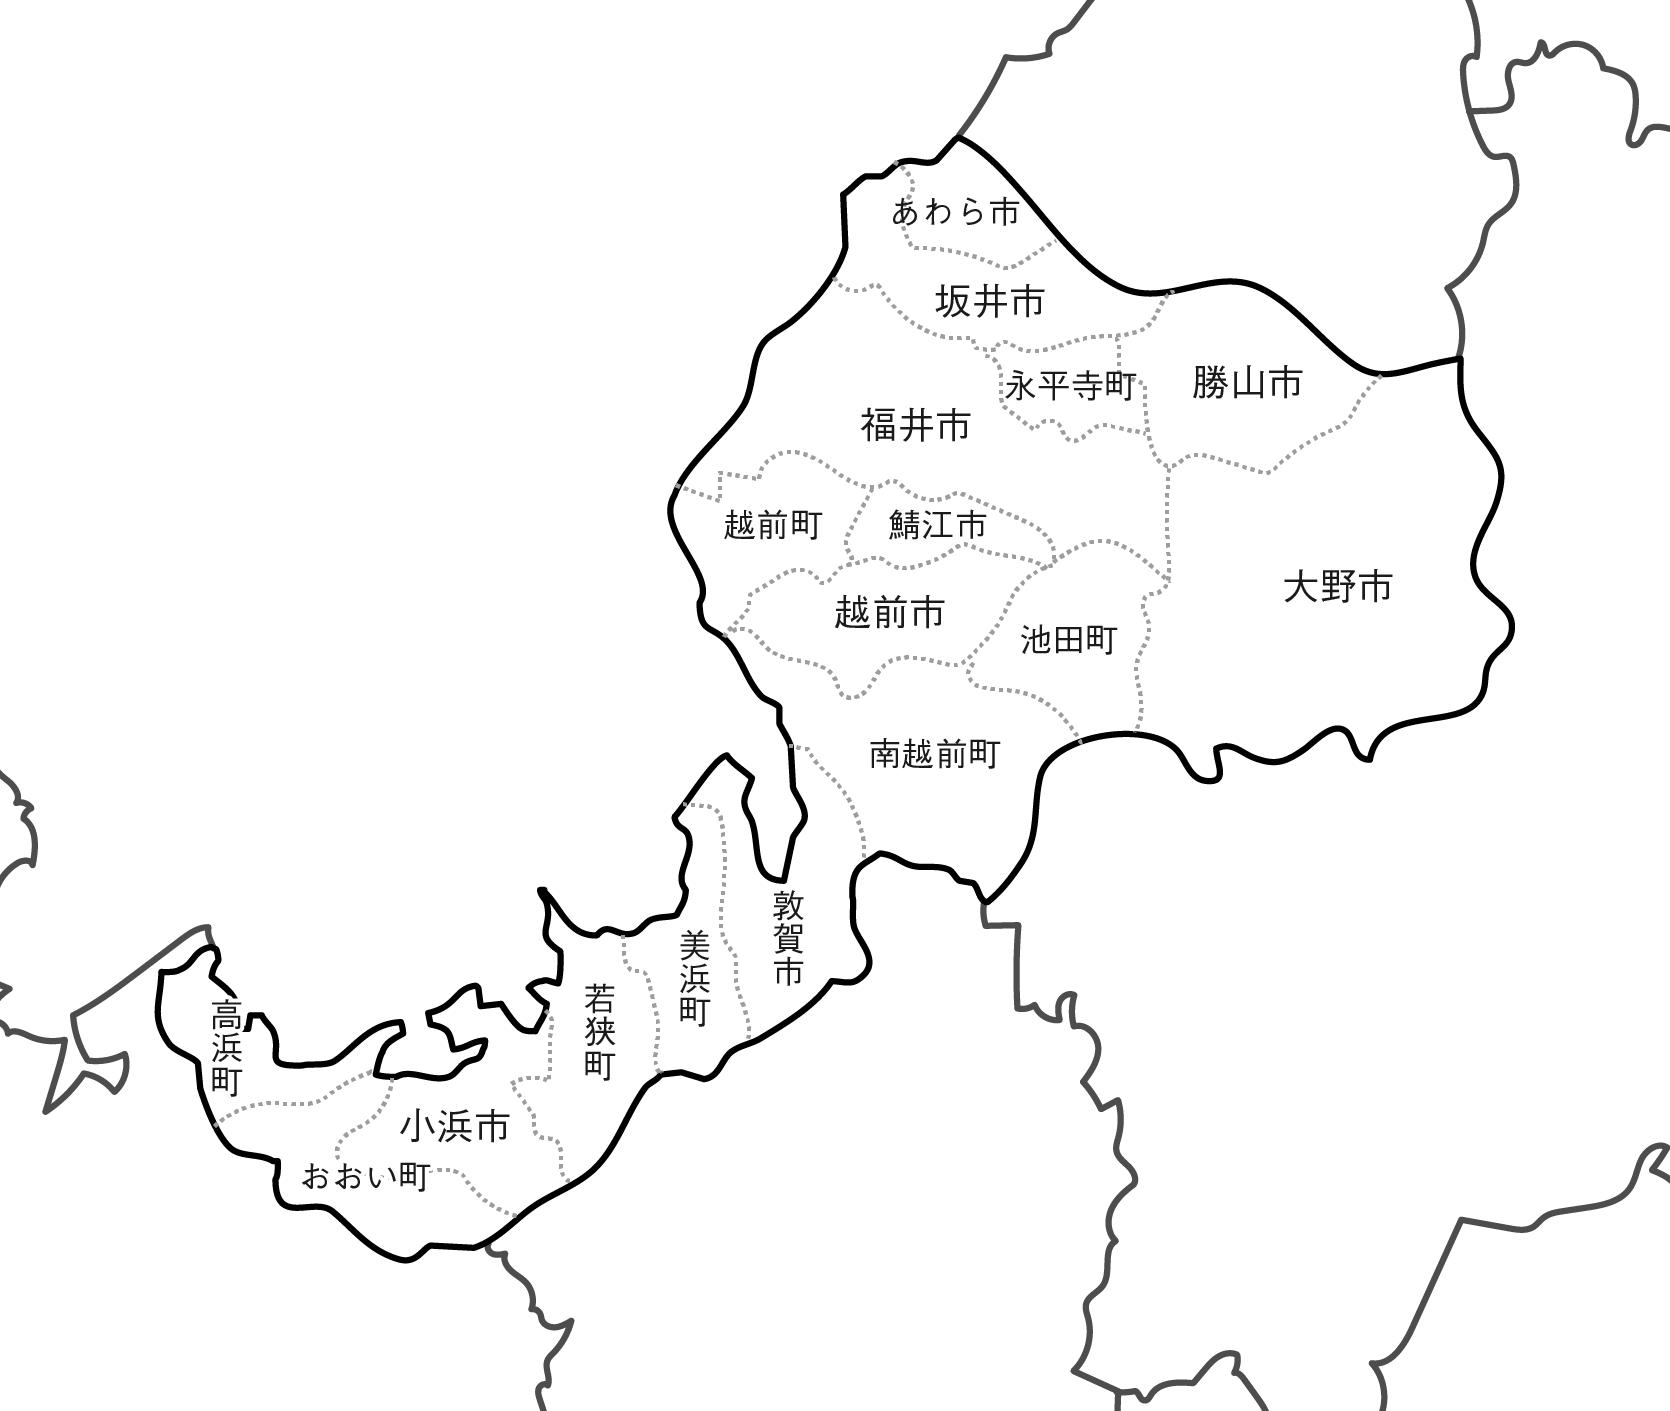 [白地図]福井県・ラインあり・市区町村名あり・隣県あり